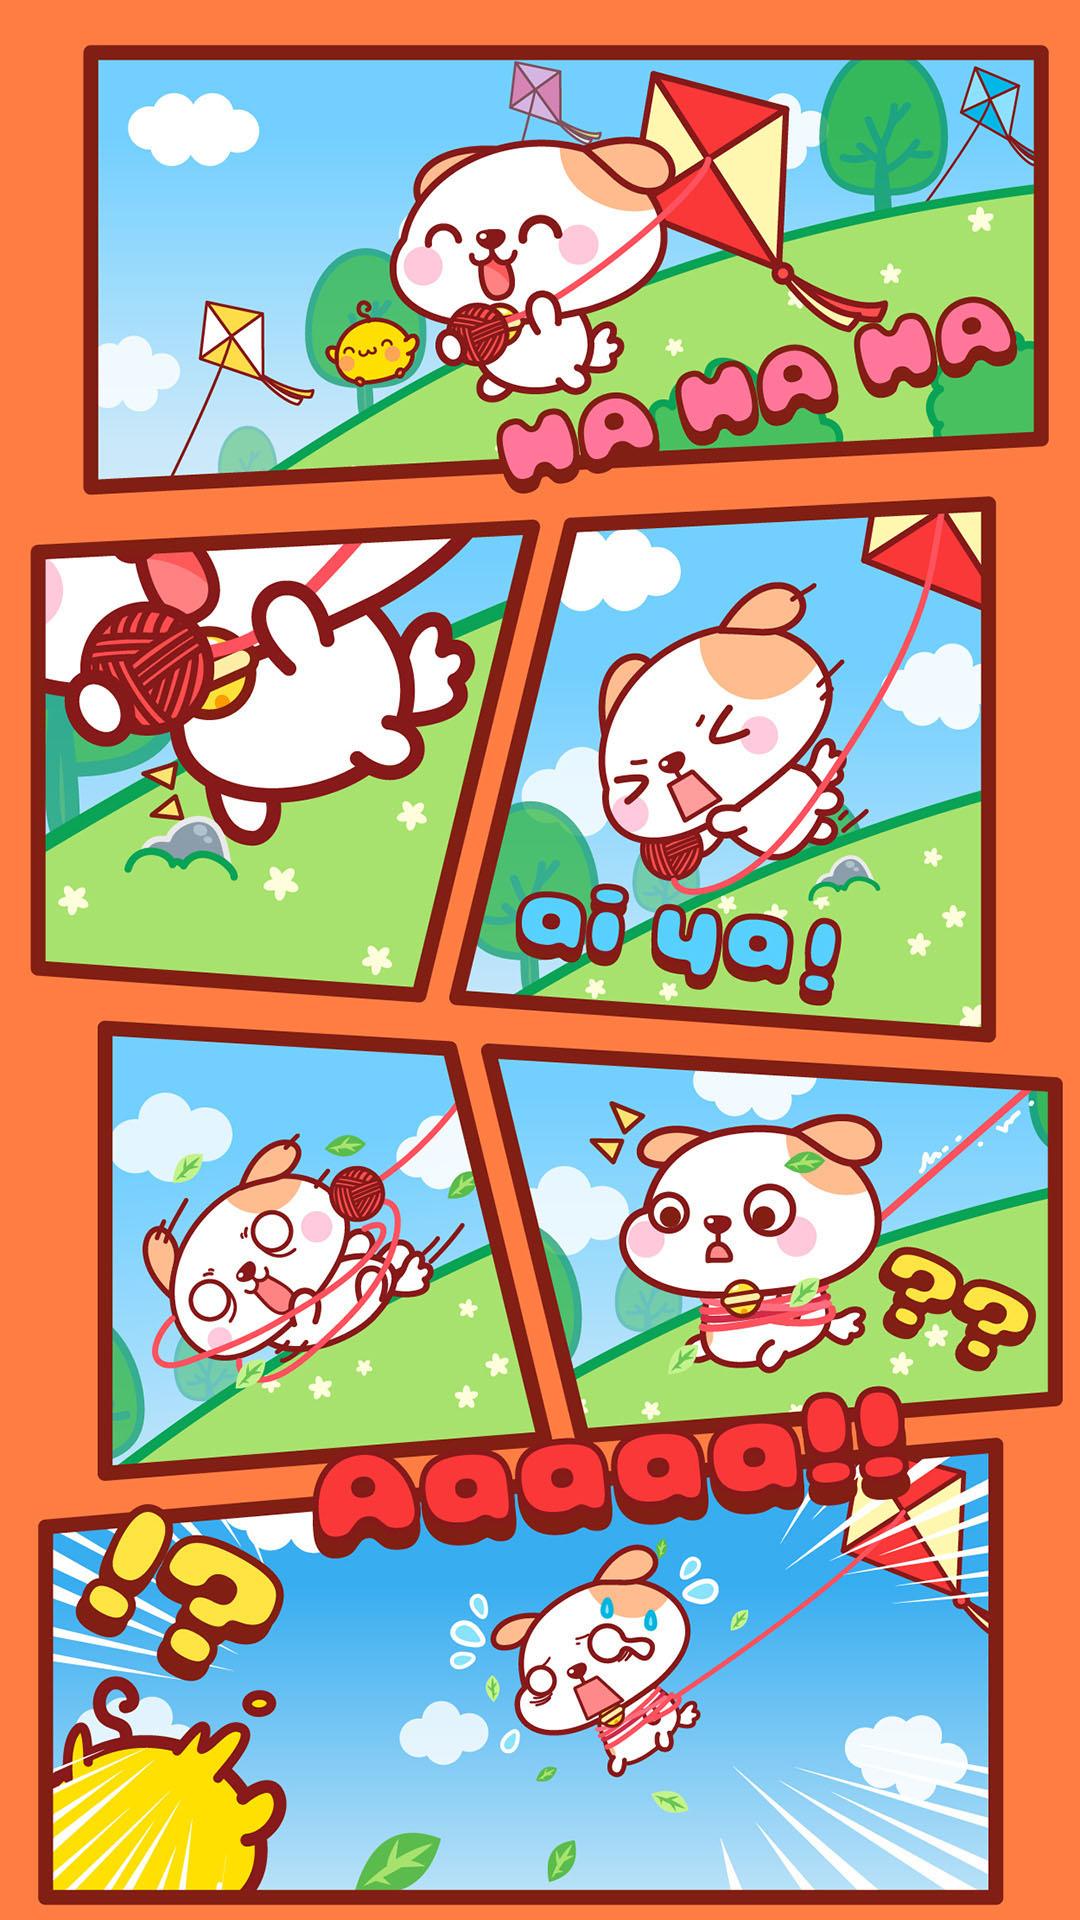 可爱秋田君漫画